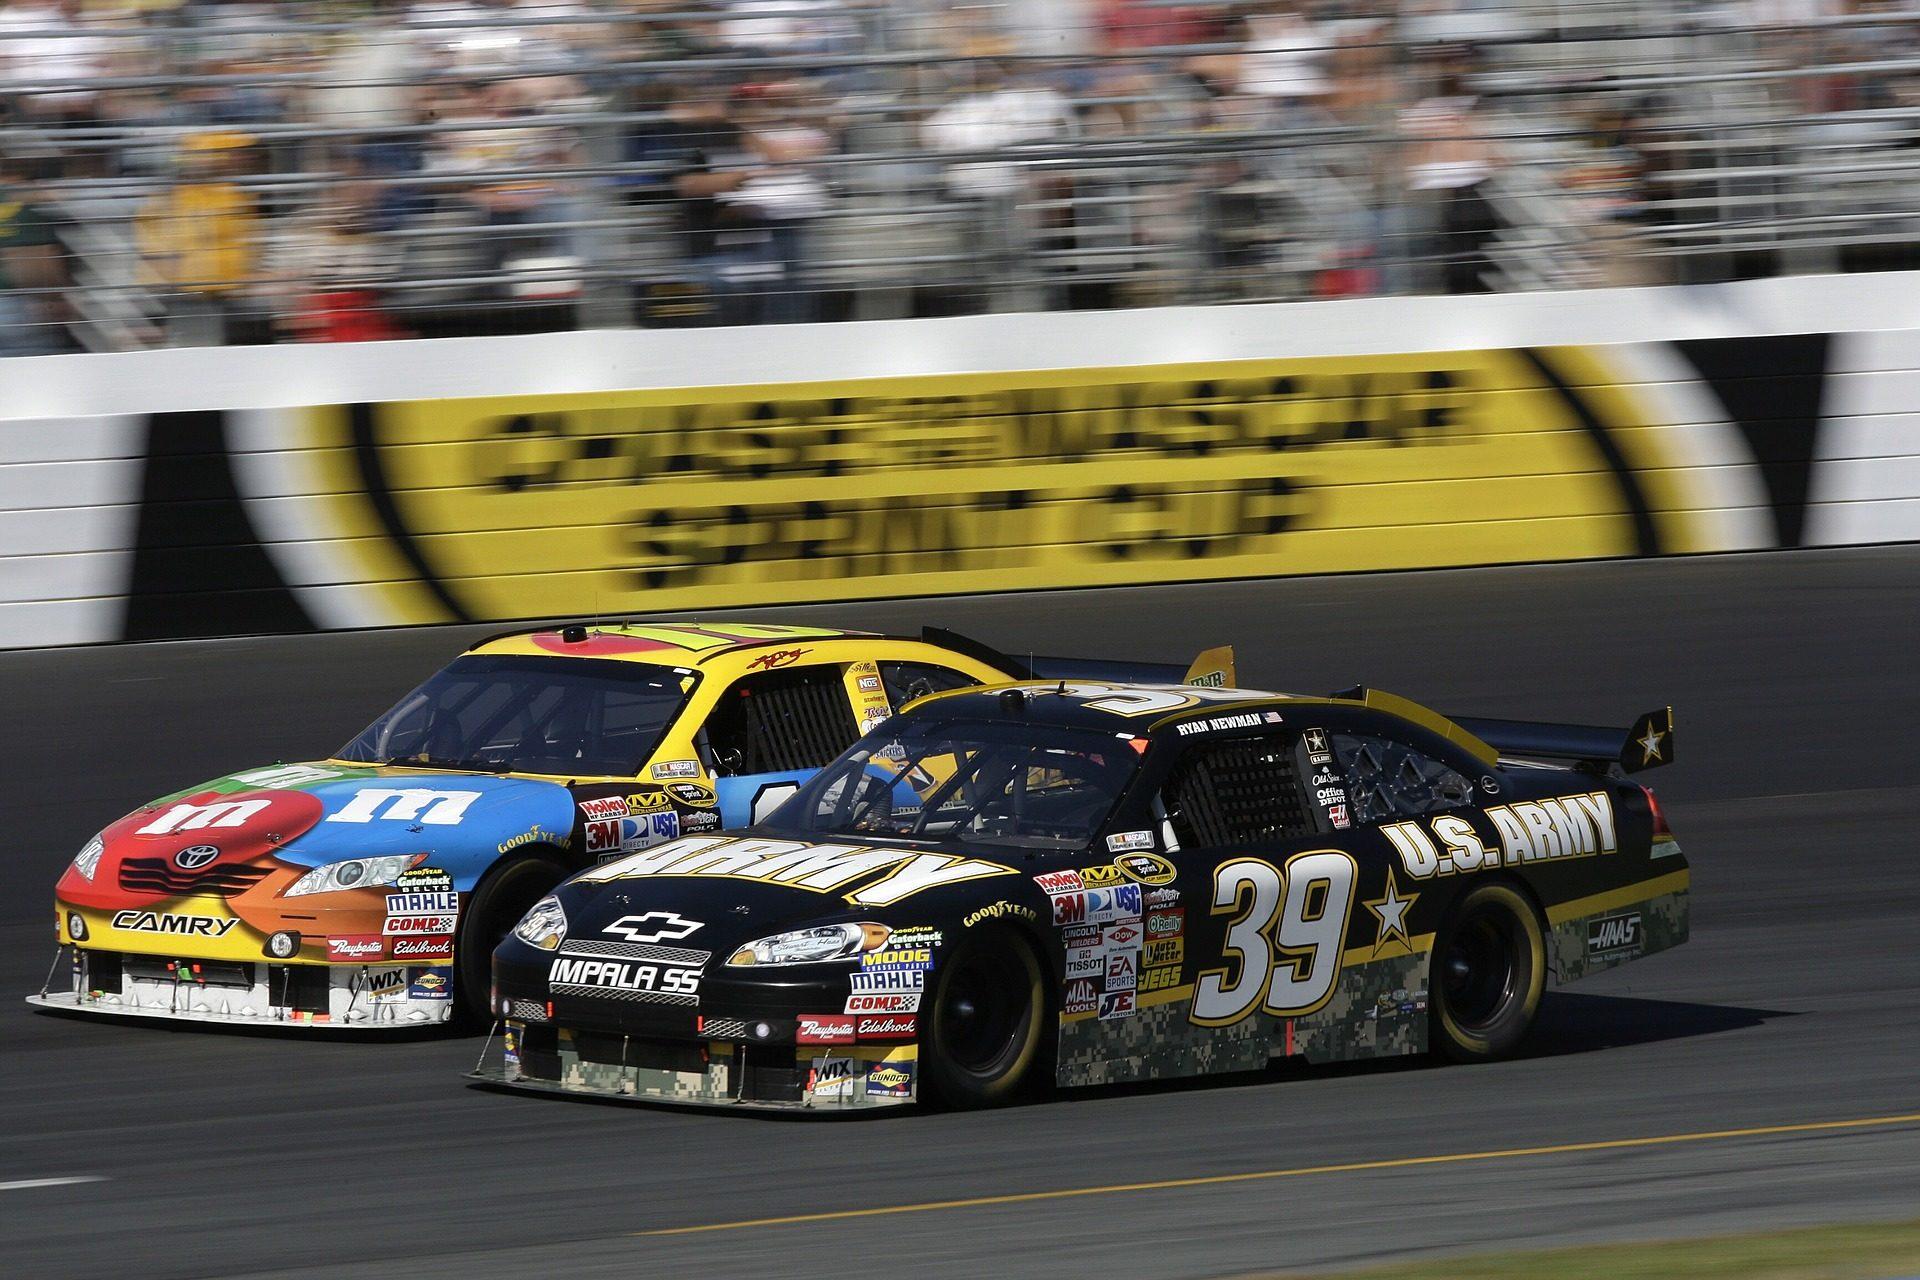 キャリア, 車, NASCAR, 速度, 回路 - HD の壁紙 - 教授-falken.com